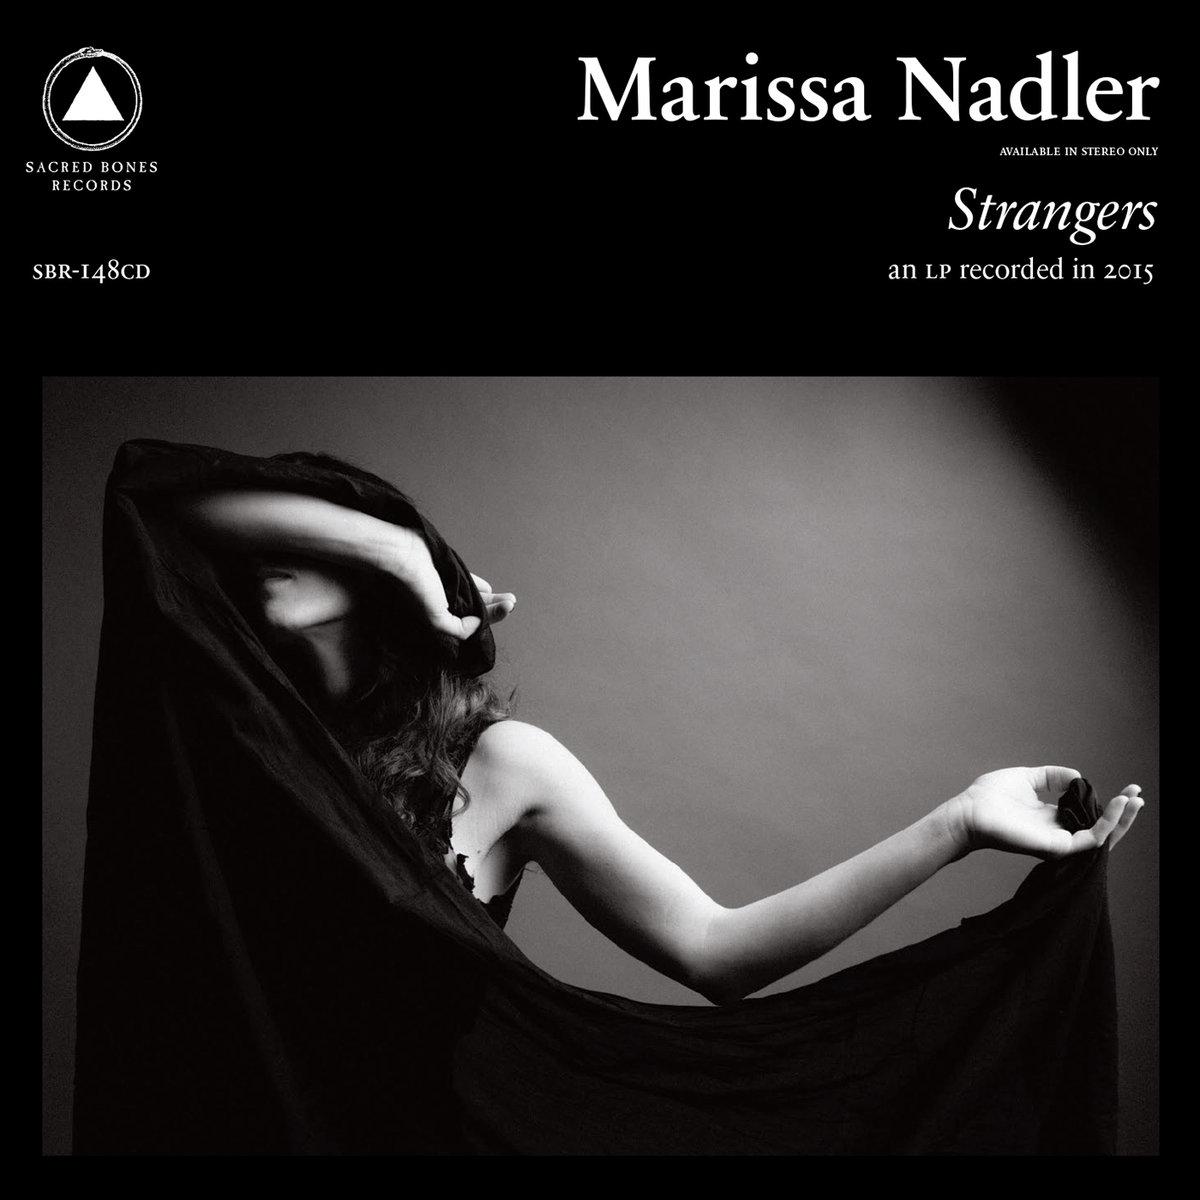 2. Marissa Nadler - Strangers [Sacred Bones]